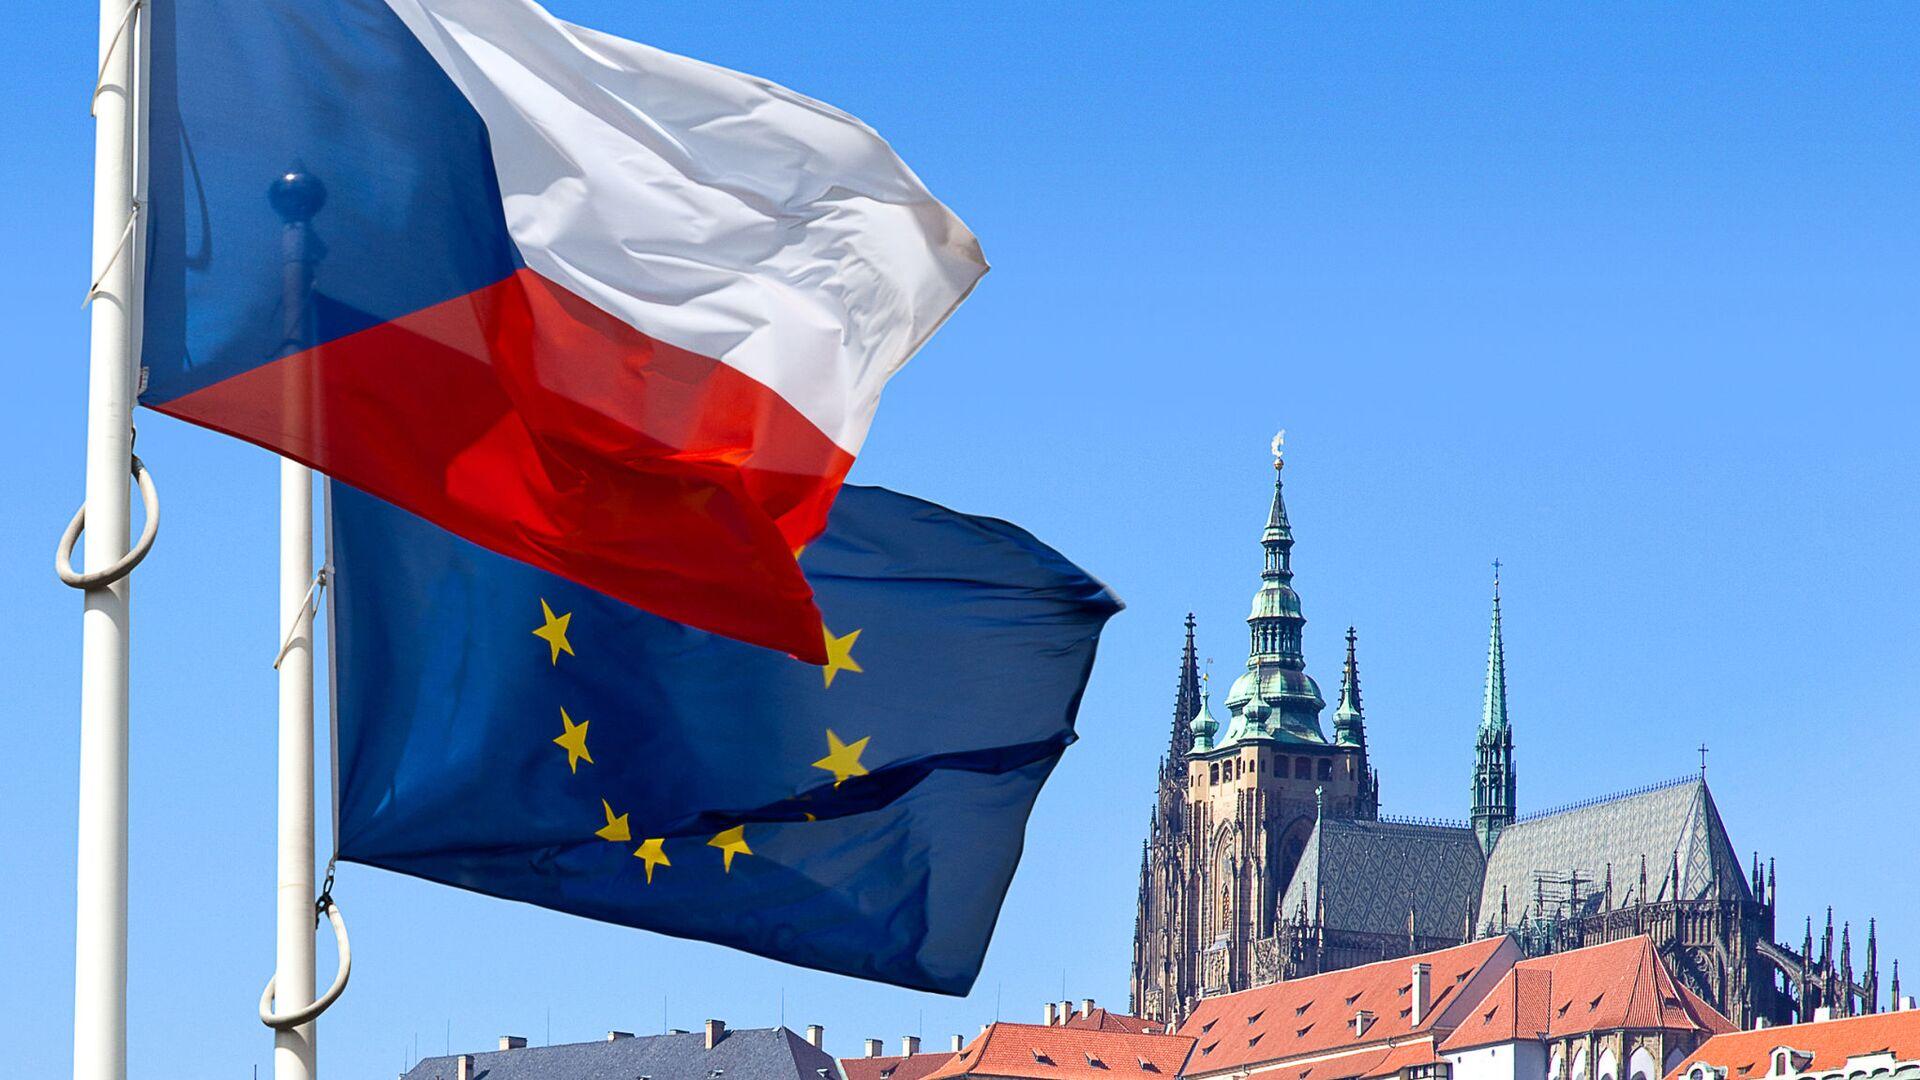 Vlajky České republiky a Evropské unie na pozadí Pražského hradu - Sputnik Česká republika, 1920, 07.05.2021